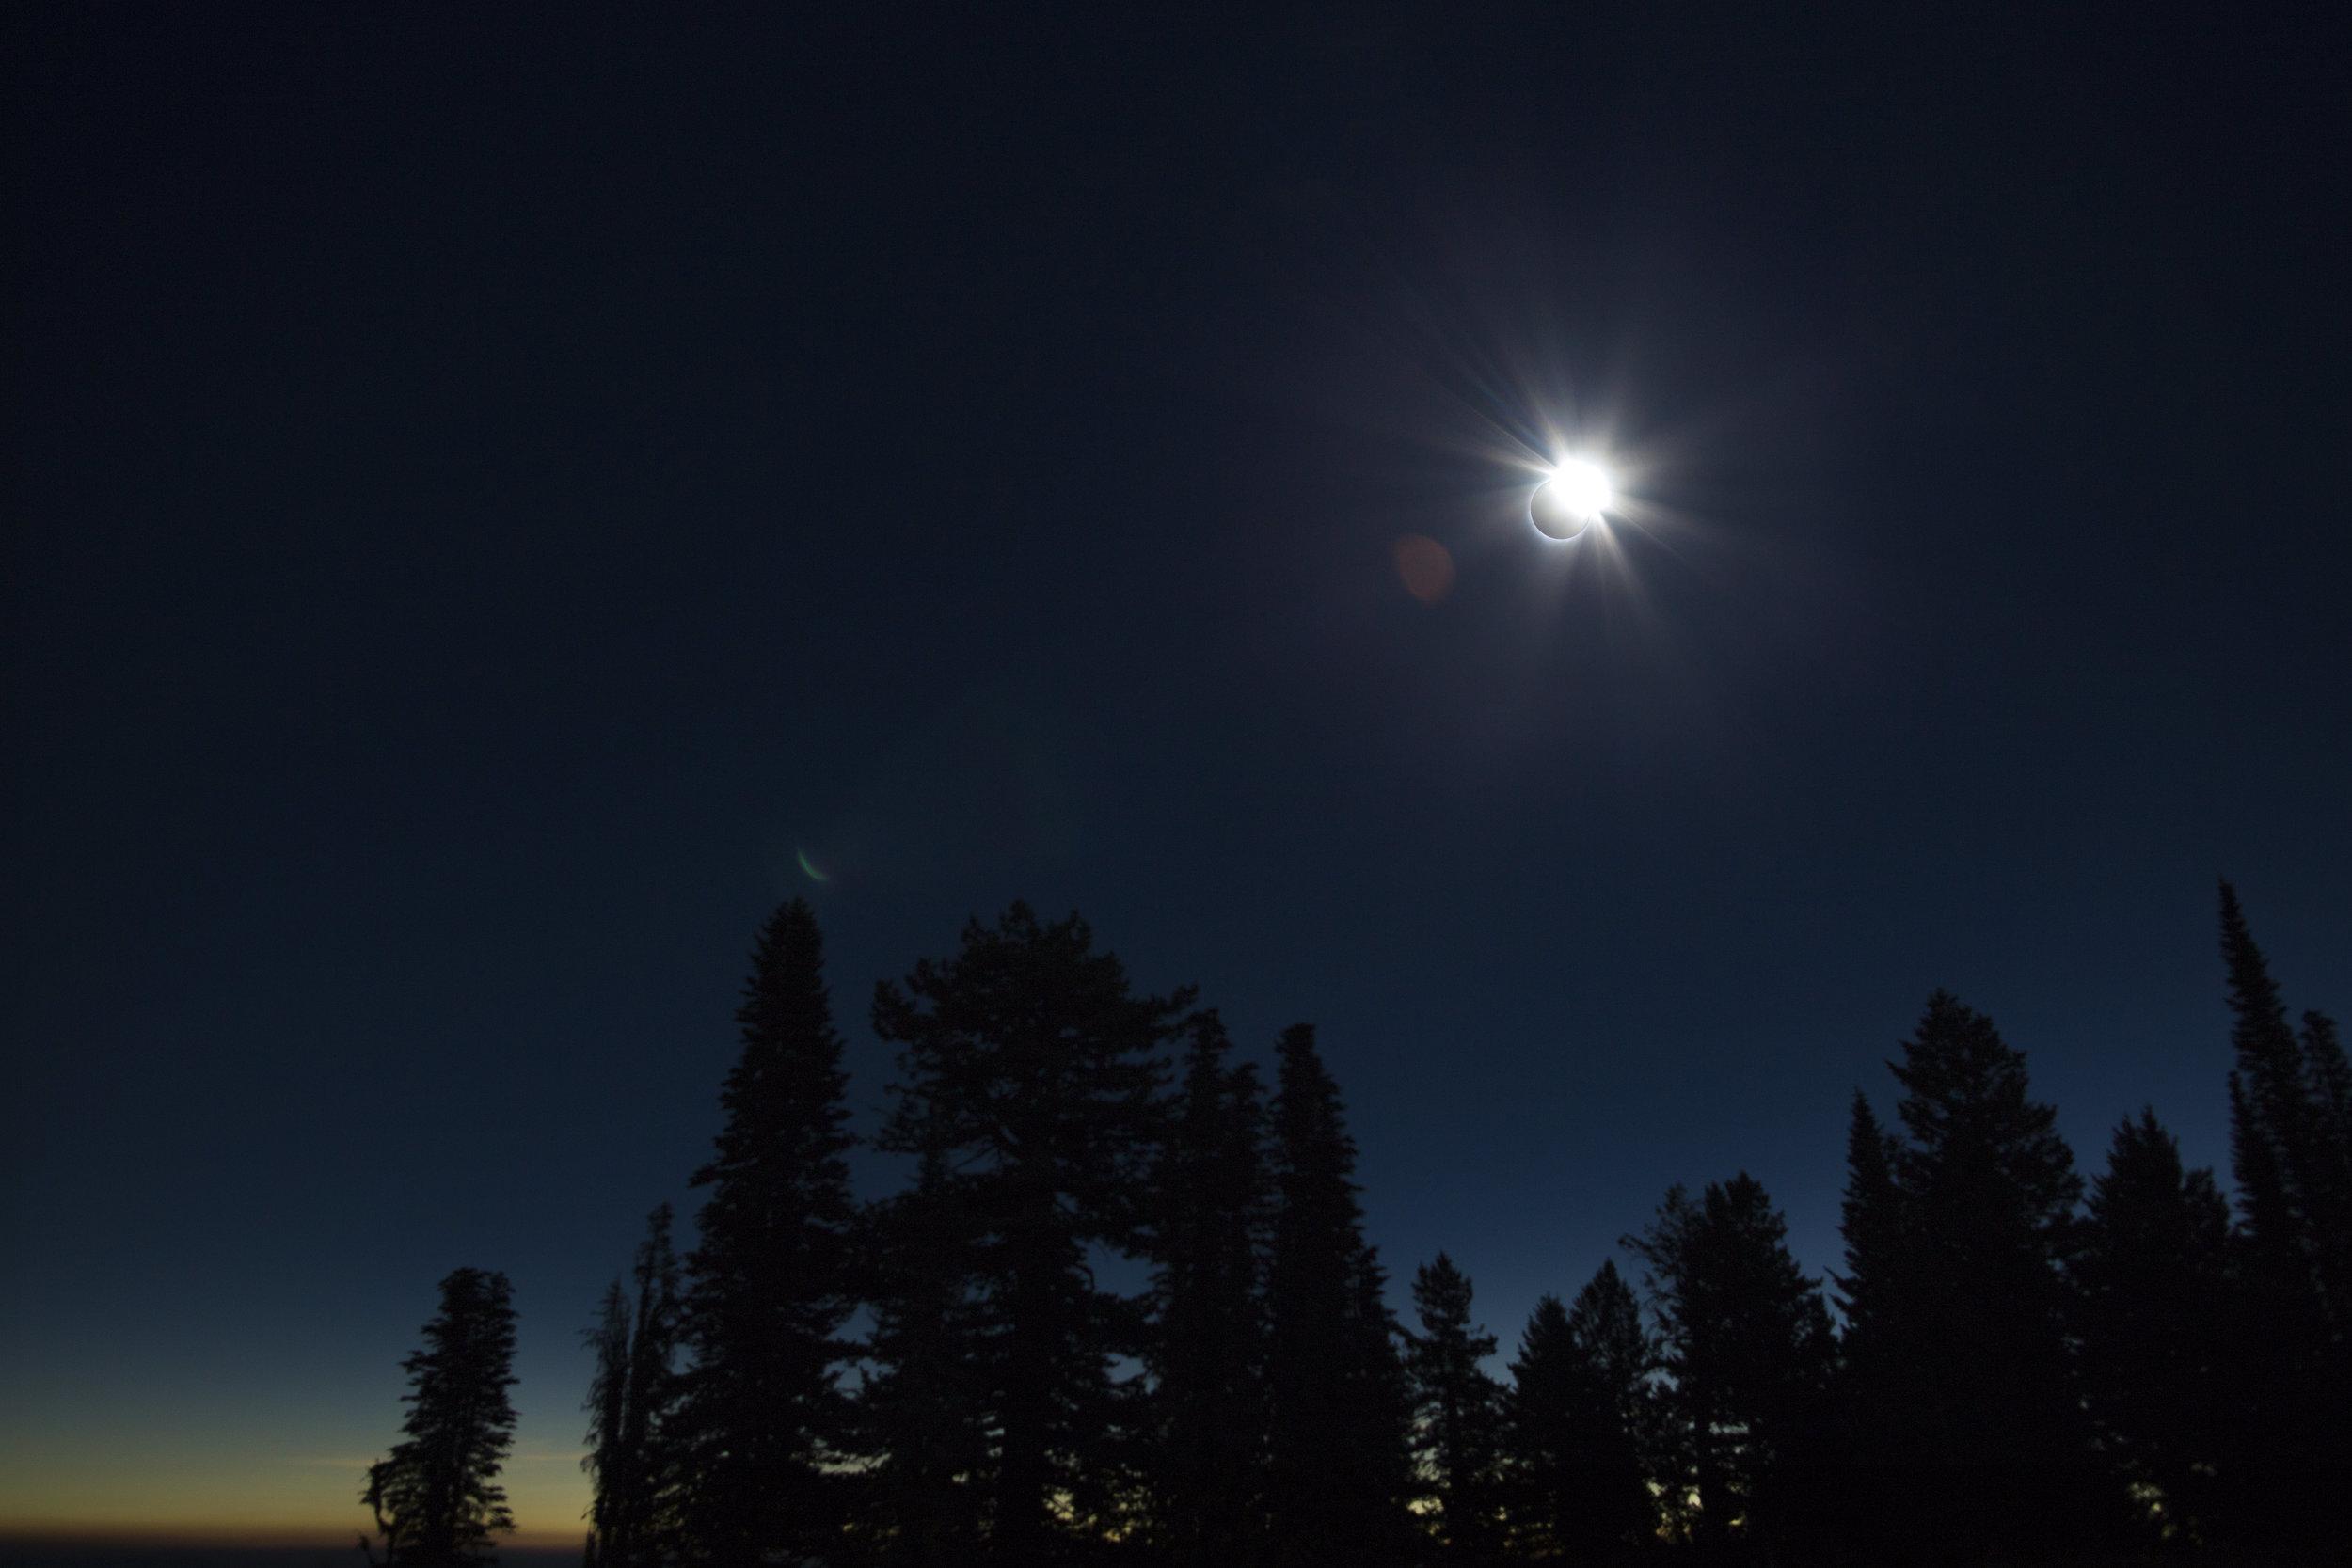 BenJacobsen_SolarEclipse2017.jpg